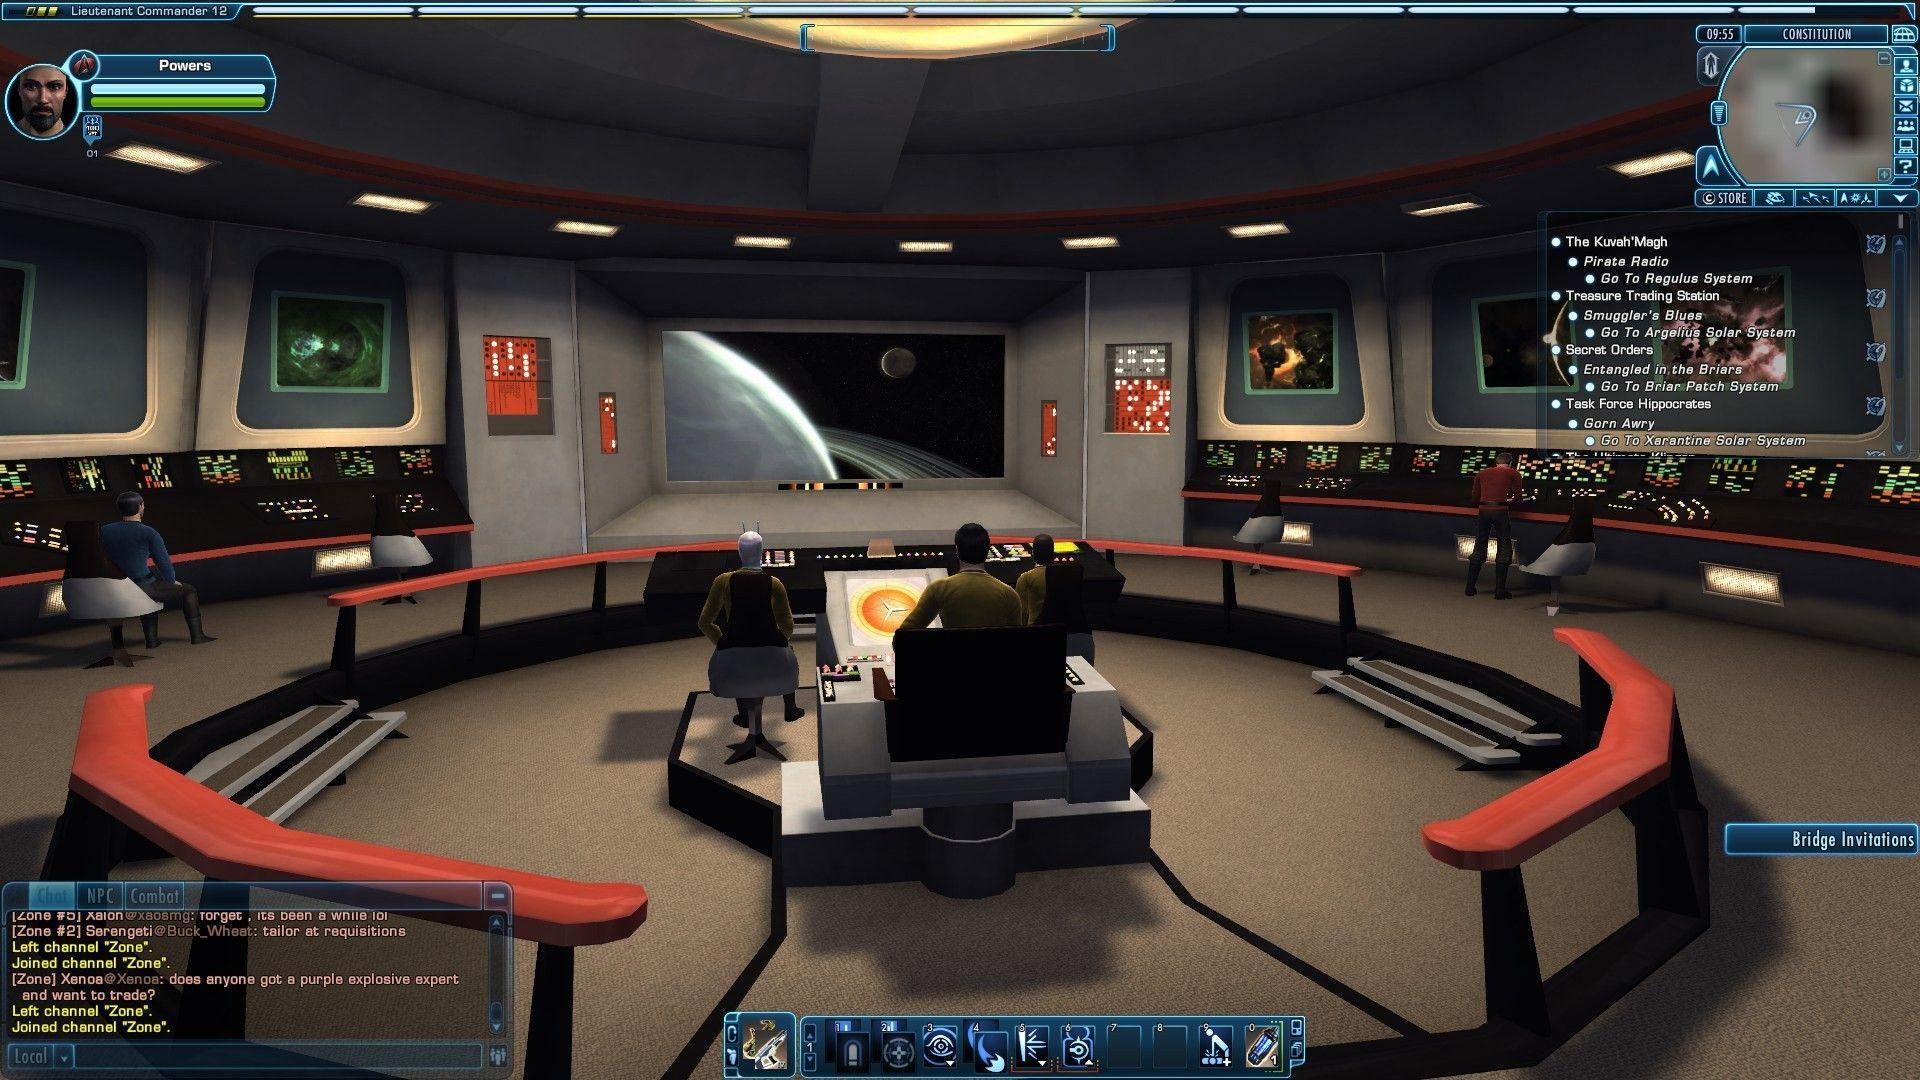 Star Trek Bridge Wallpapers Top Free Star Trek Bridge